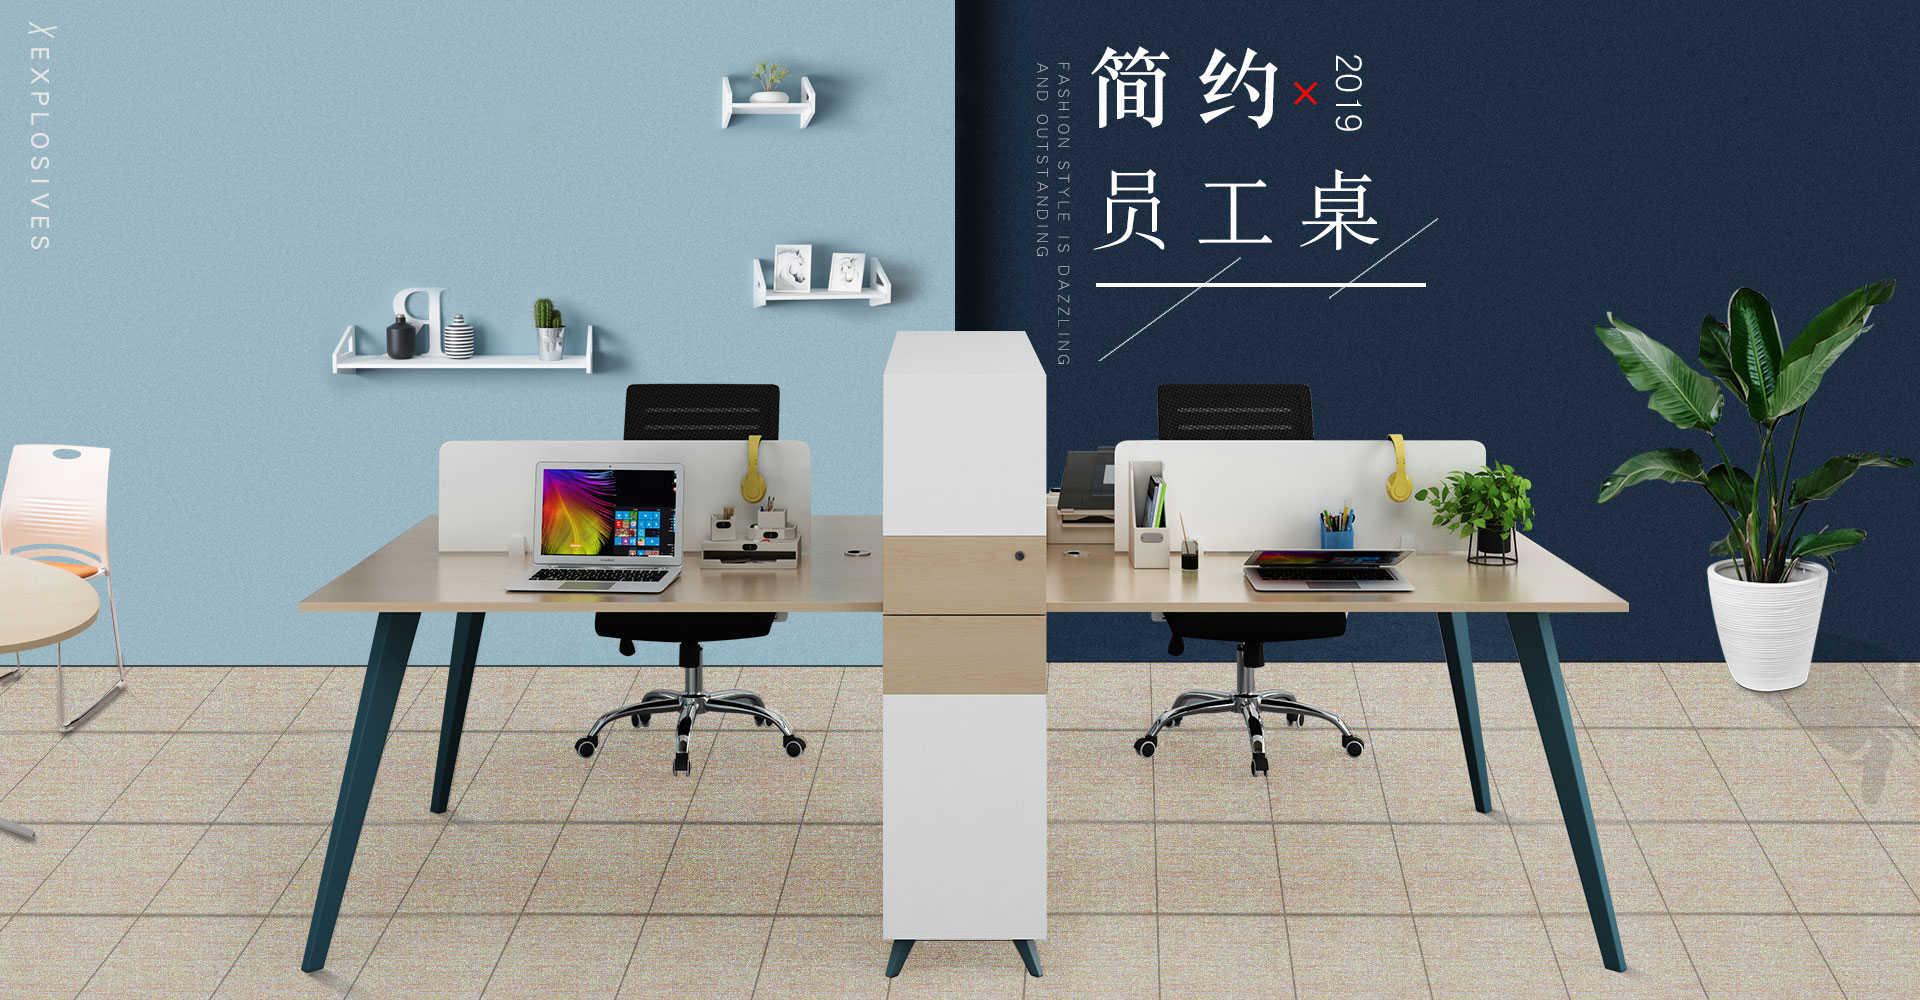 定制办公室家具厂家,高端屏风办公桌